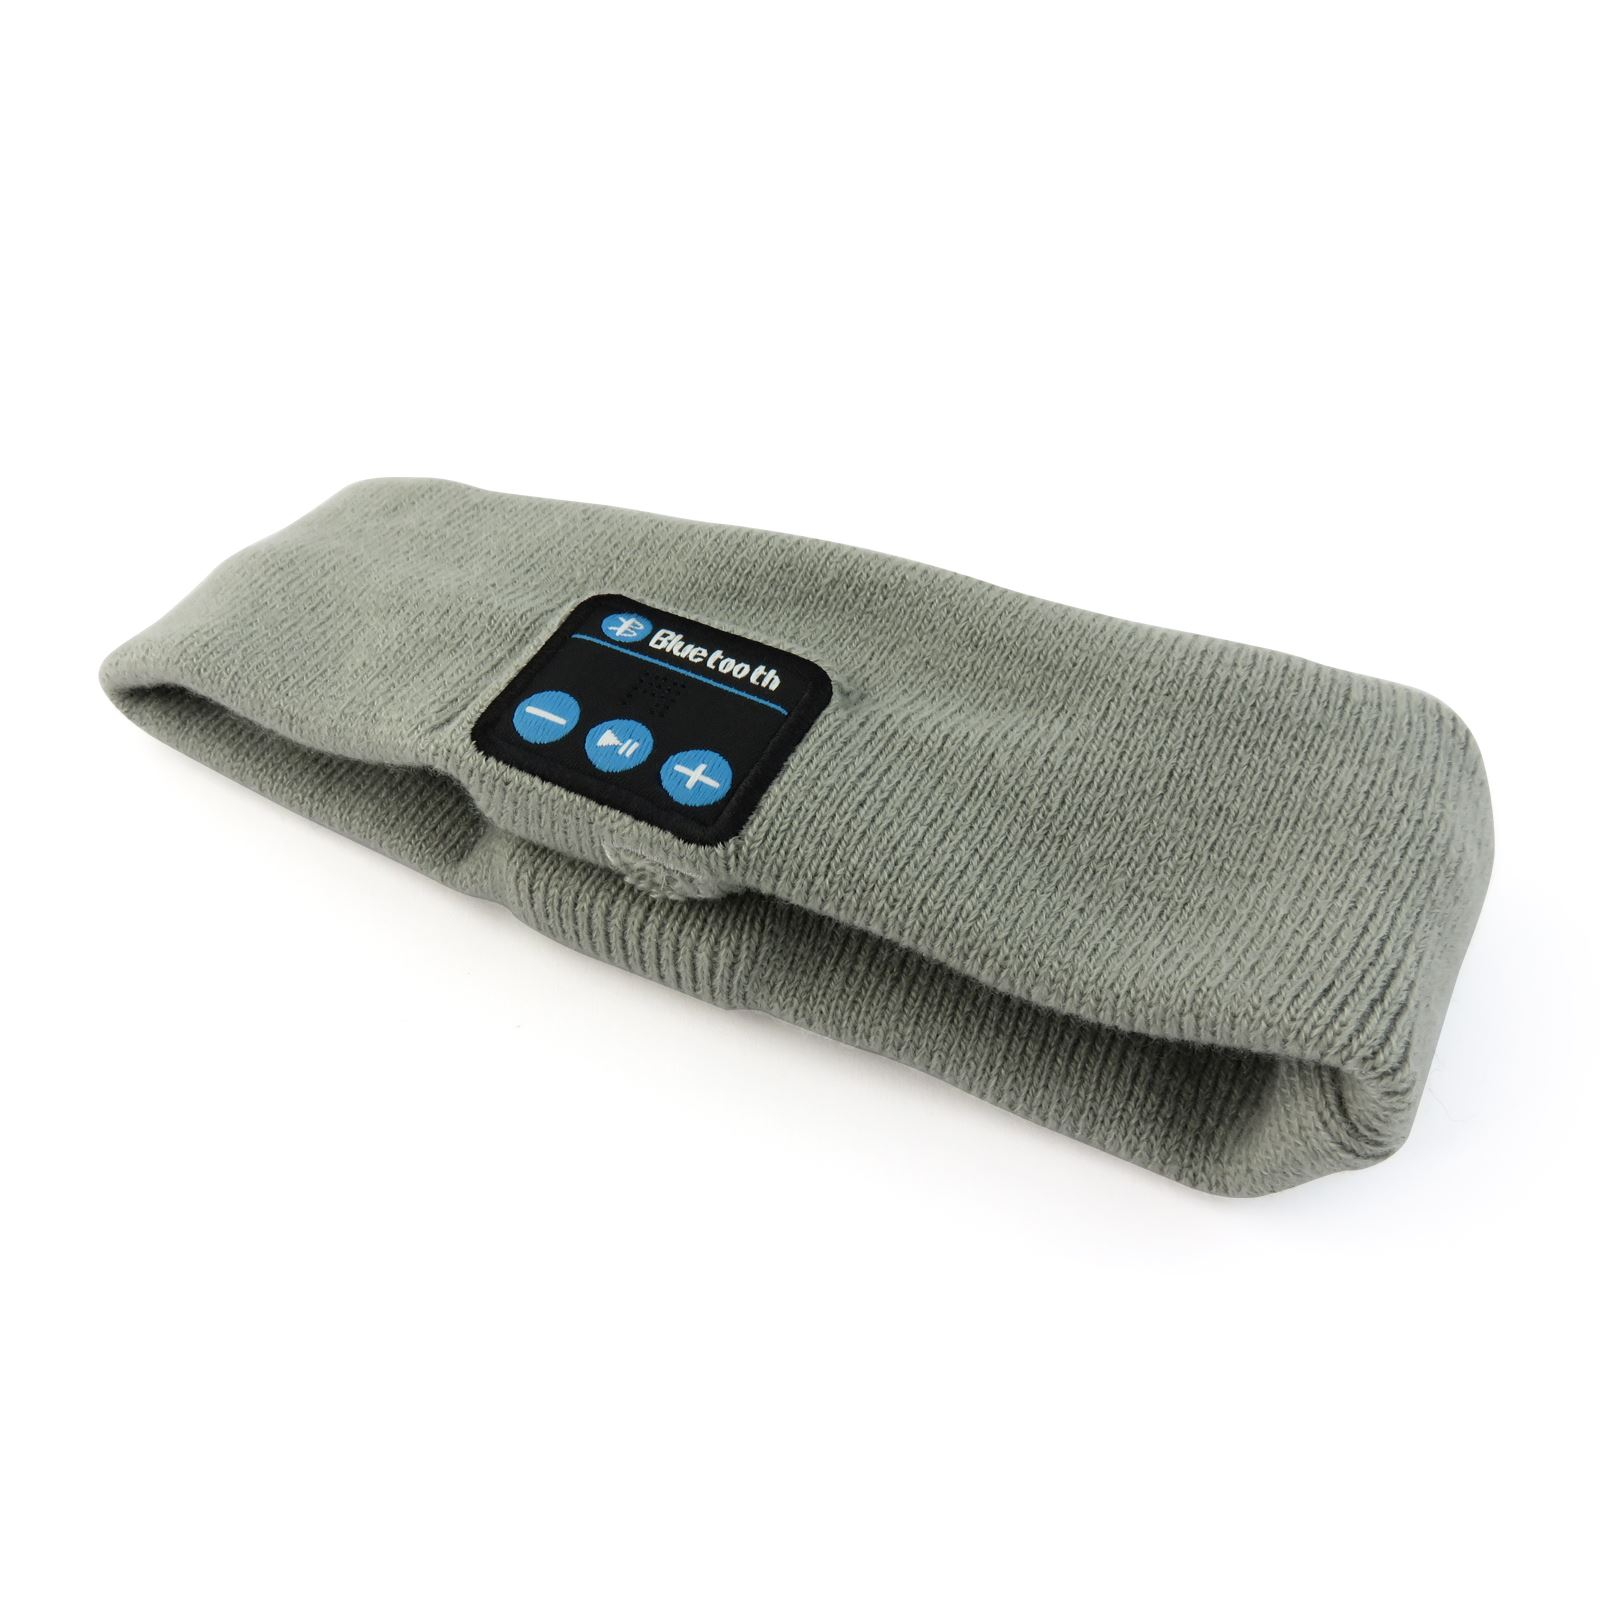 Headband headphones bluetooth sleep - bluetooth headphones soundpeats